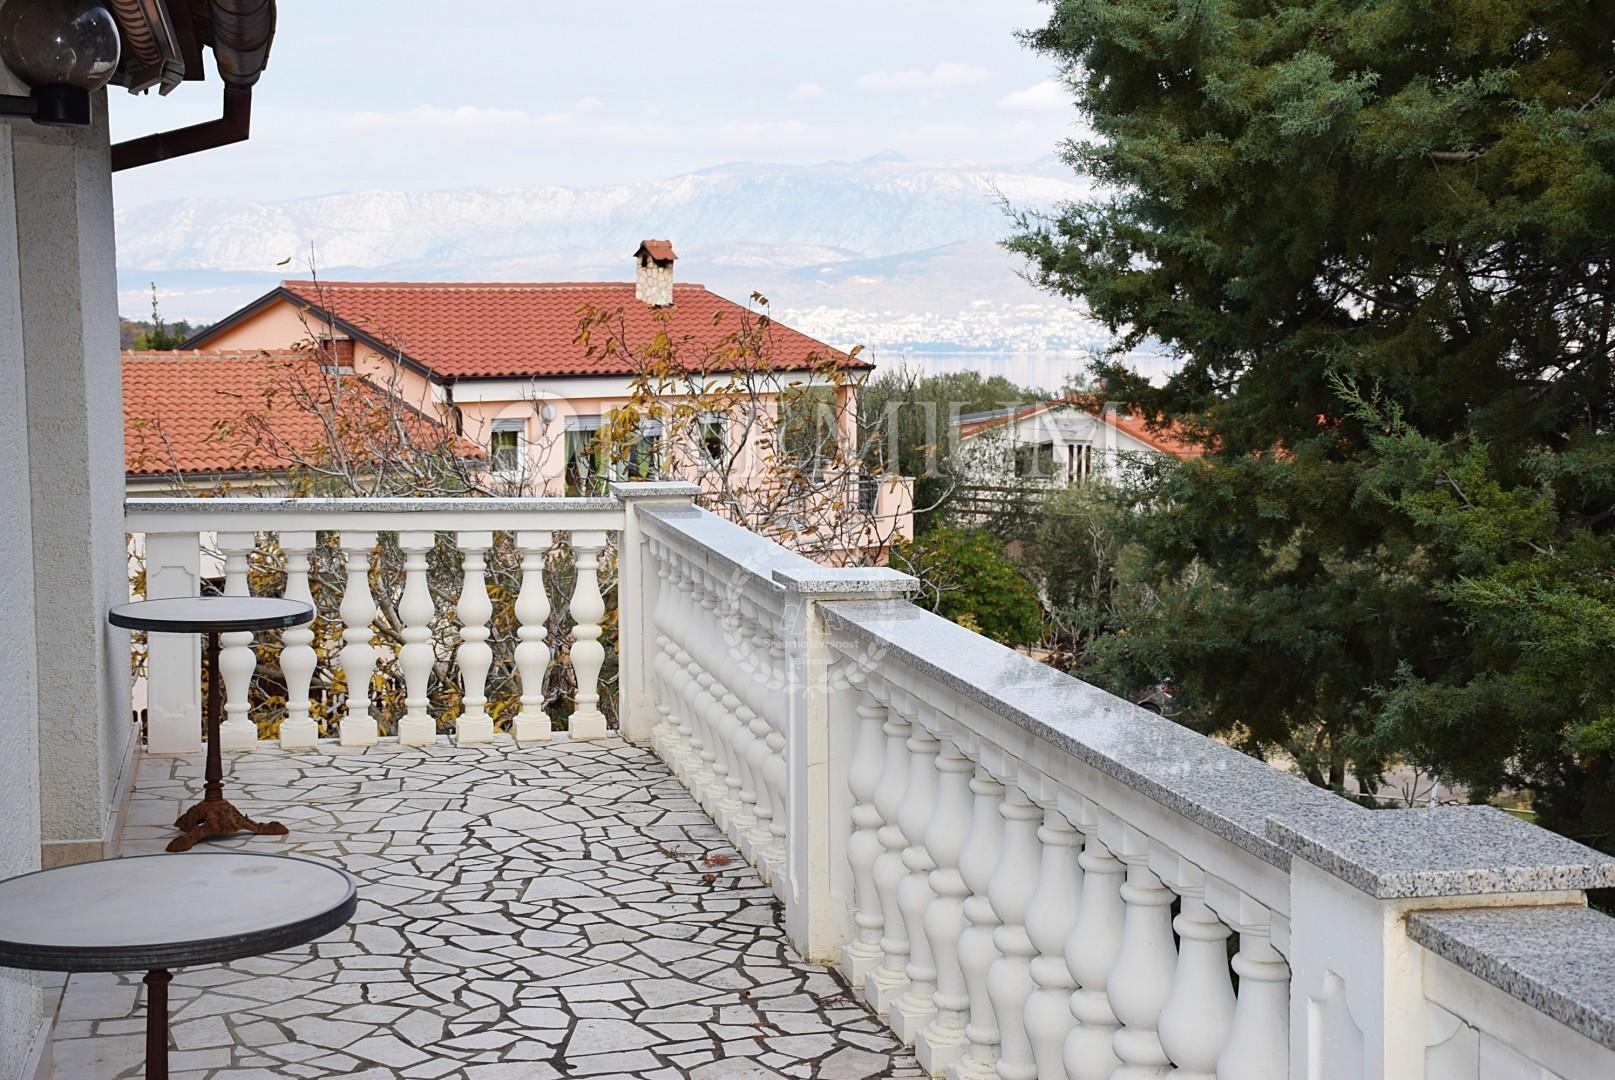 Šilo Bereich, Verkauf, Einfamilienhaus mit Meerblick!